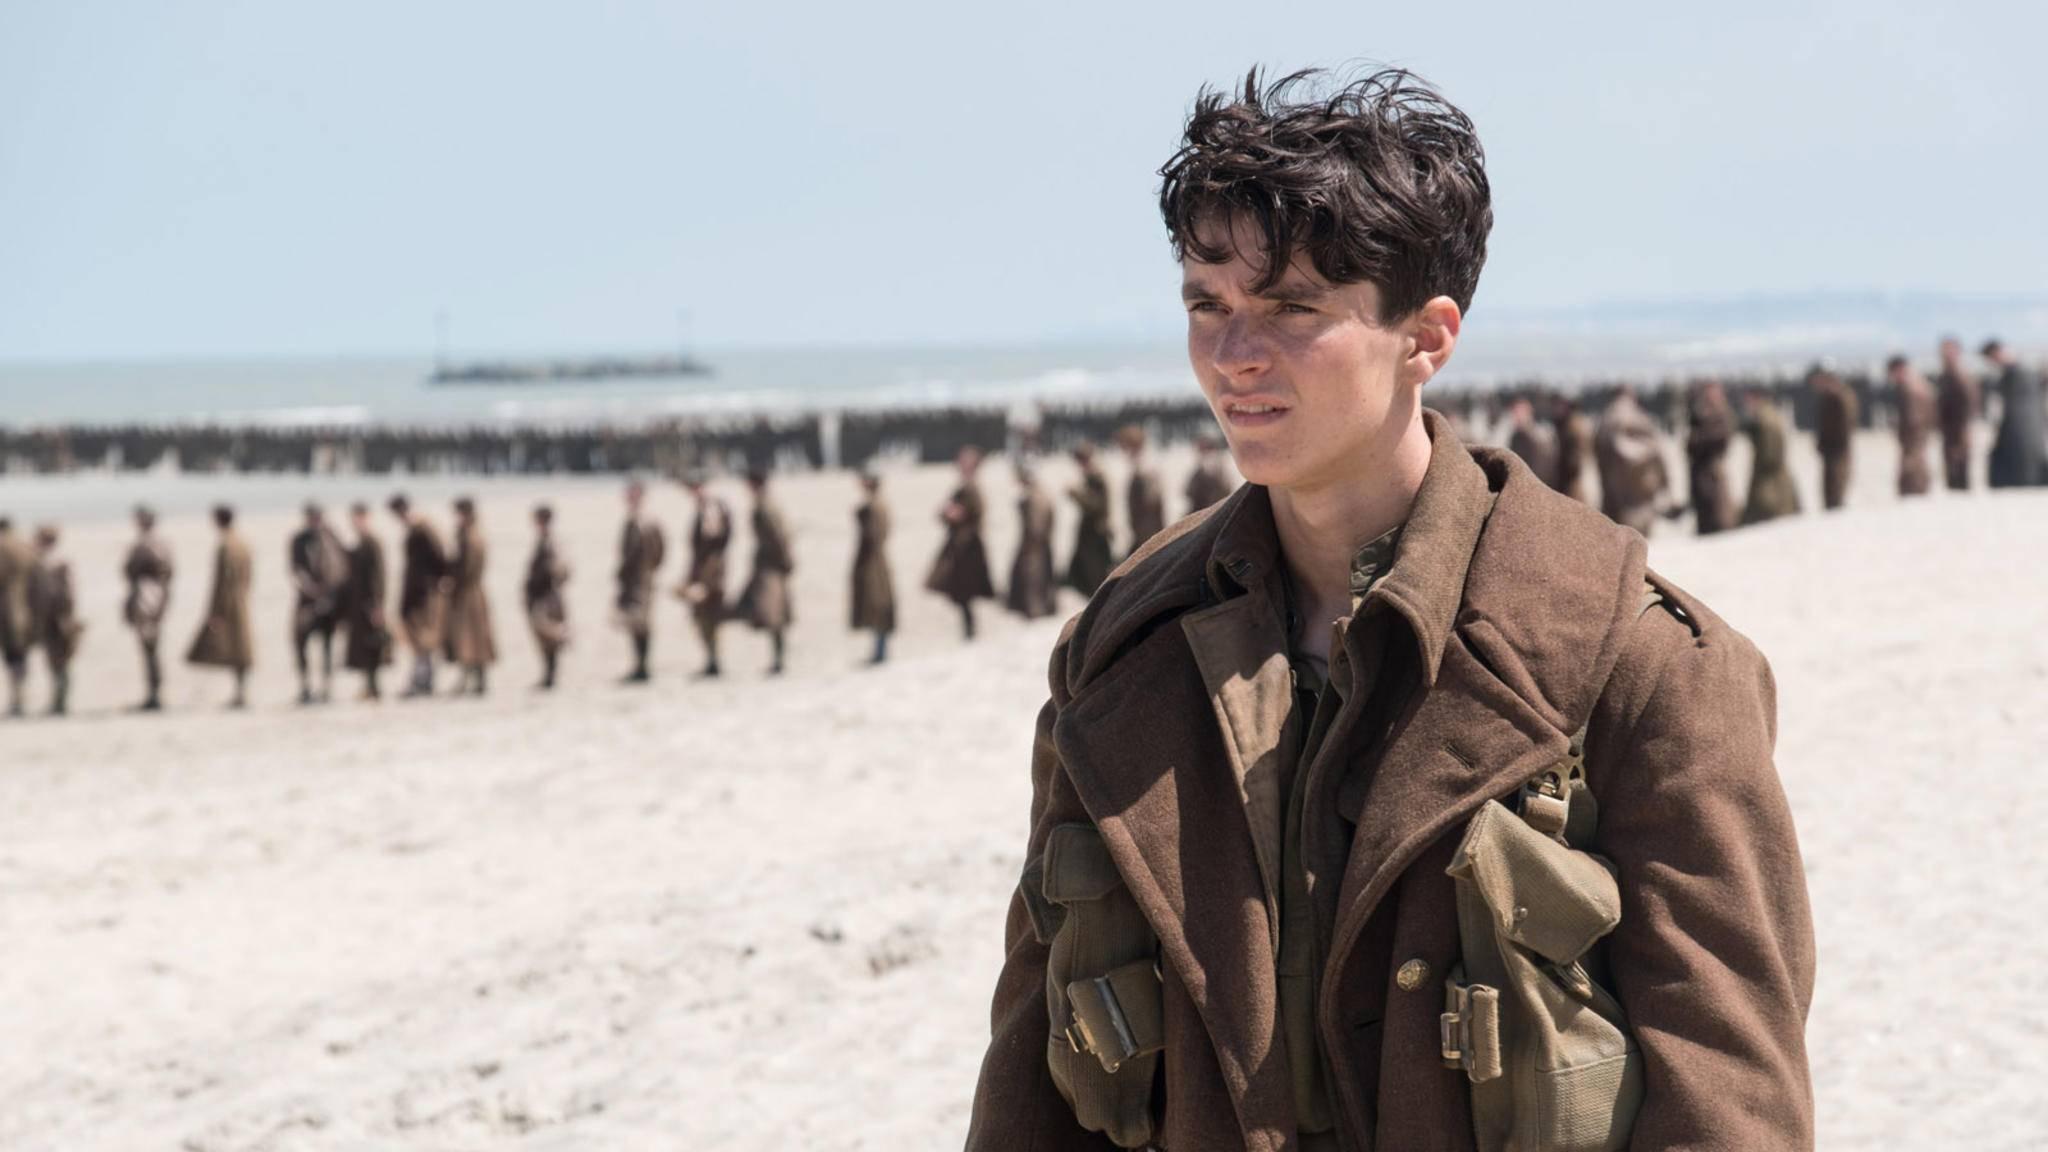 """Nolans Kriegsfilm """"Dunkirk"""" war bei den Kritikern äußerst beliebt."""